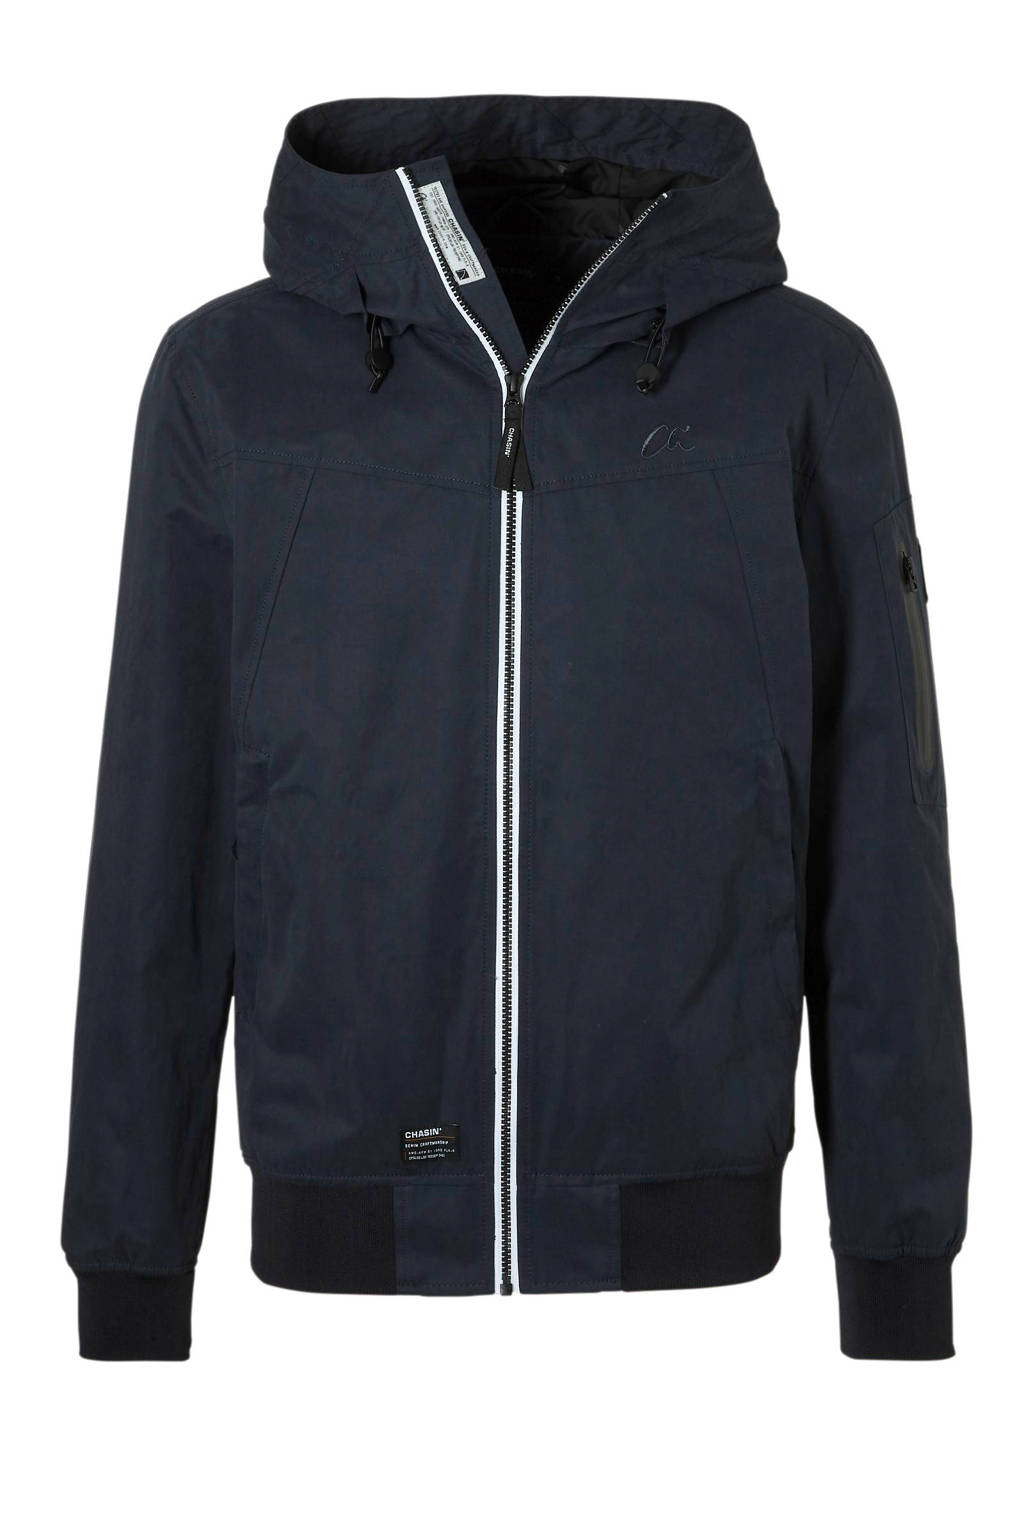 Chasin' jas, Donkerblauw